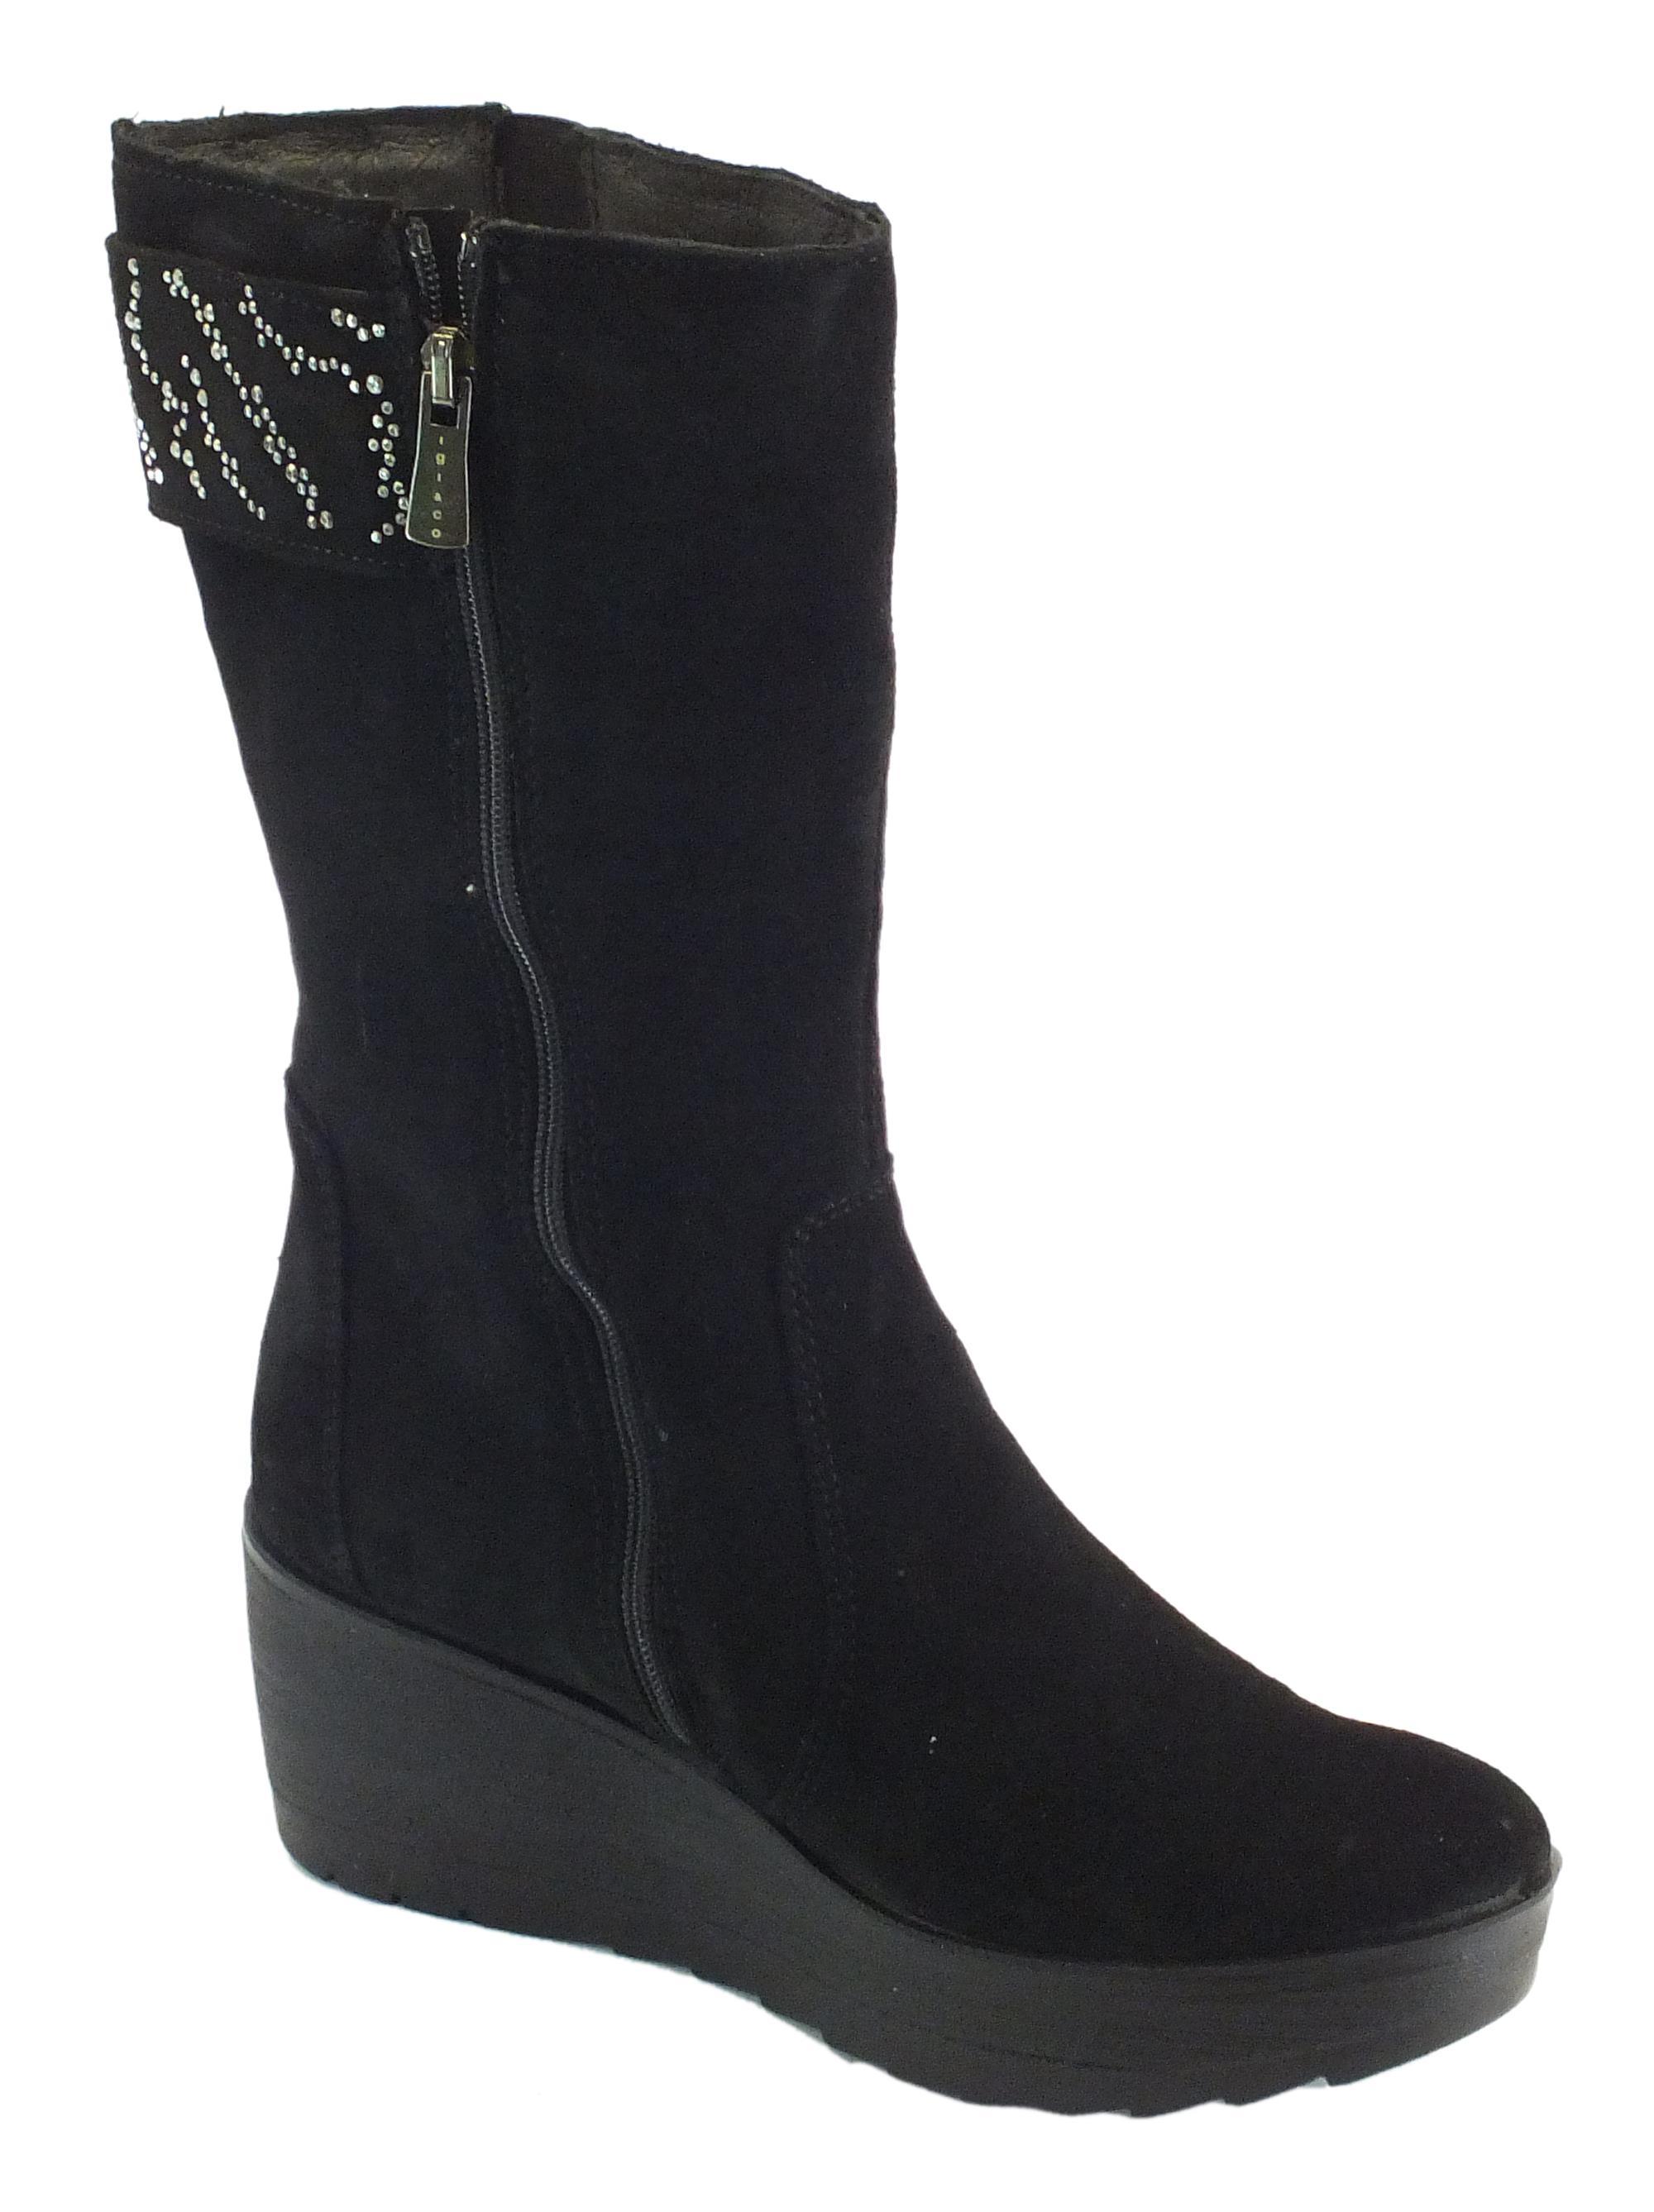 3620b3ab418fc6 Stivali Igi&Co donna camoscio nero zeppa alta - Vitiello Calzature